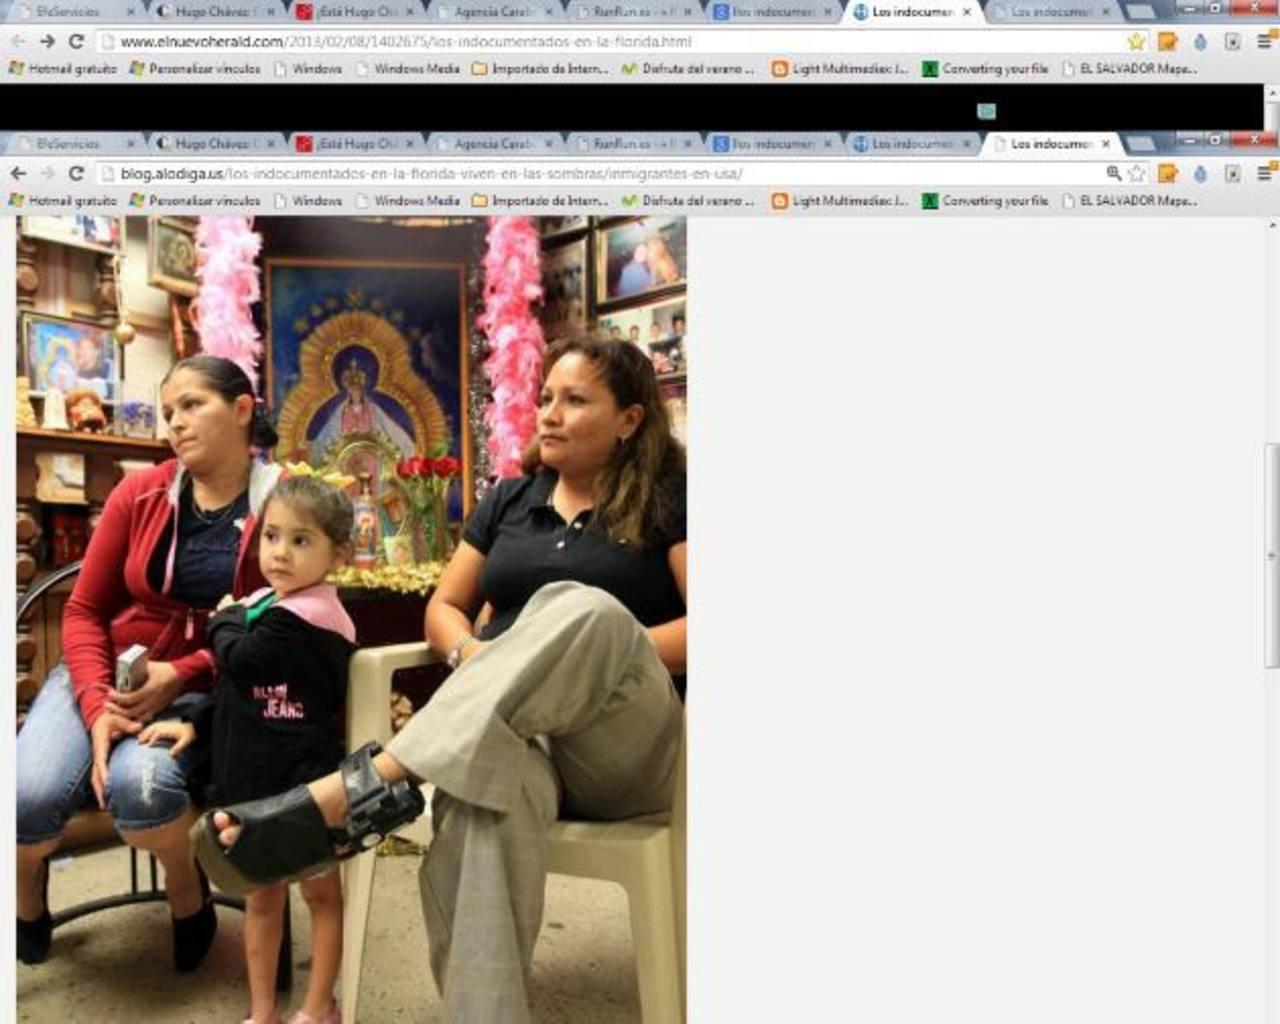 María Lemus, de 29 años, su hija Valeria, de 3, y la salvadoreña María Abarca. foto edh / cortesía el nuevo herald